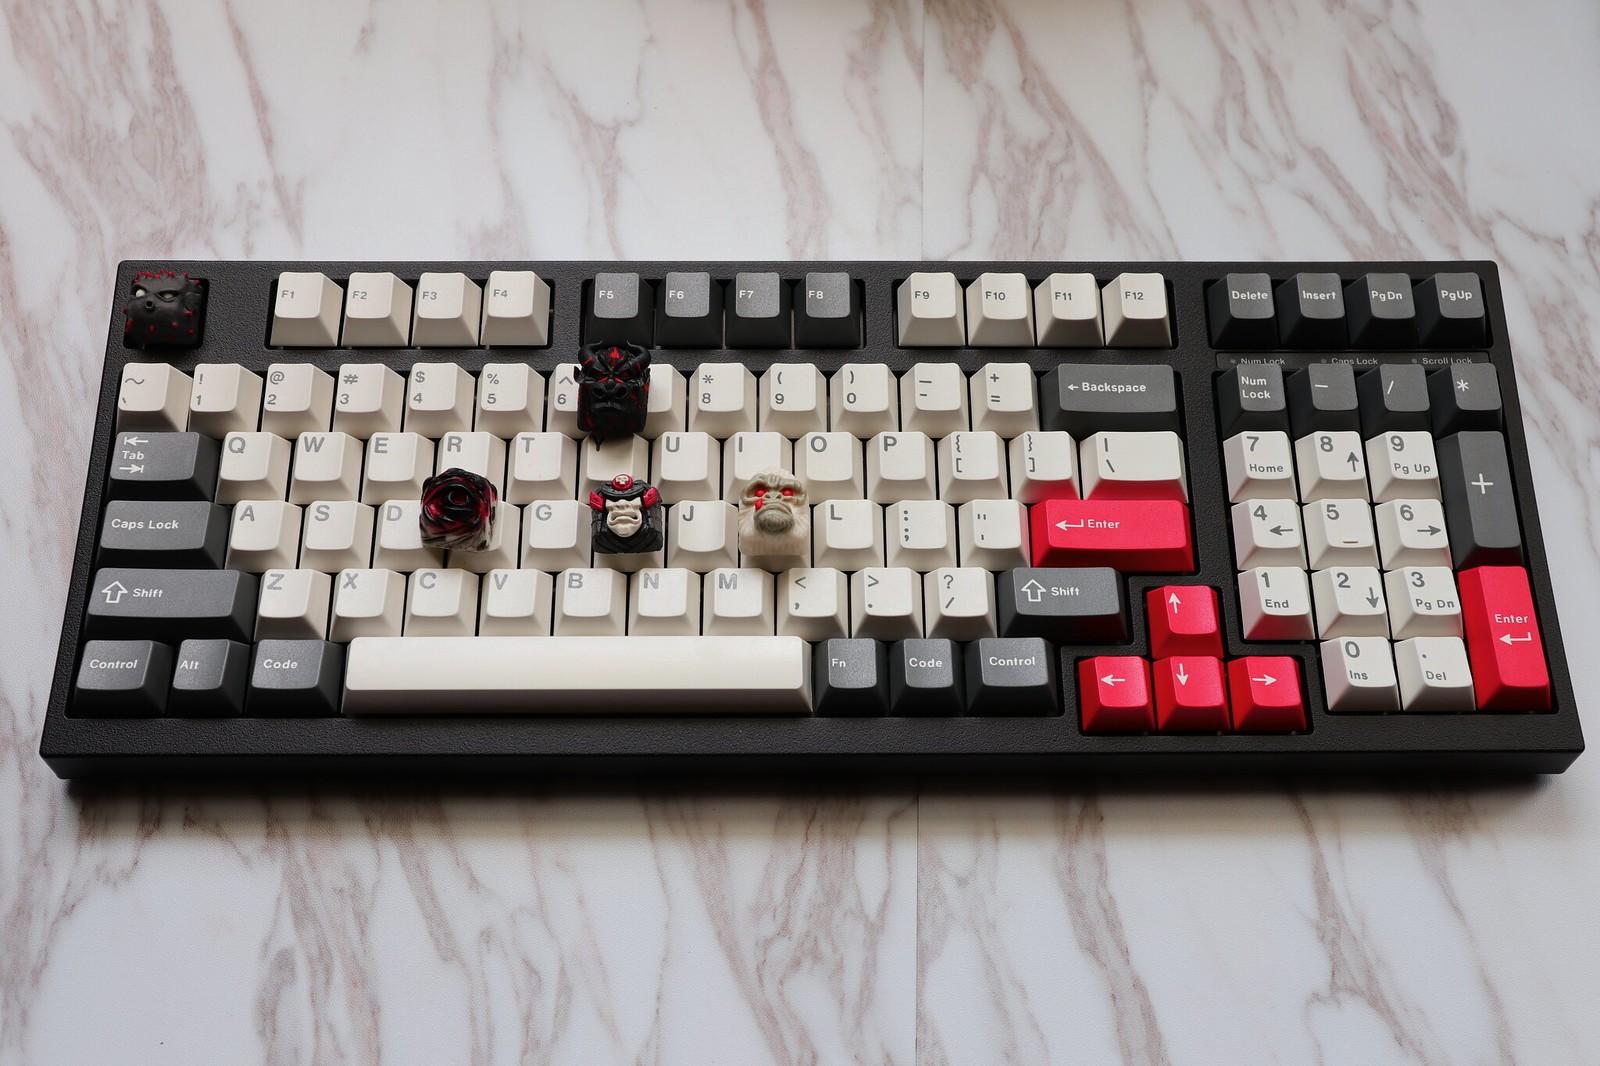 [鍵盤] FC980M x GMK Honeywell - 看板 Key_Mou_Pad - 批踢踢實業坊